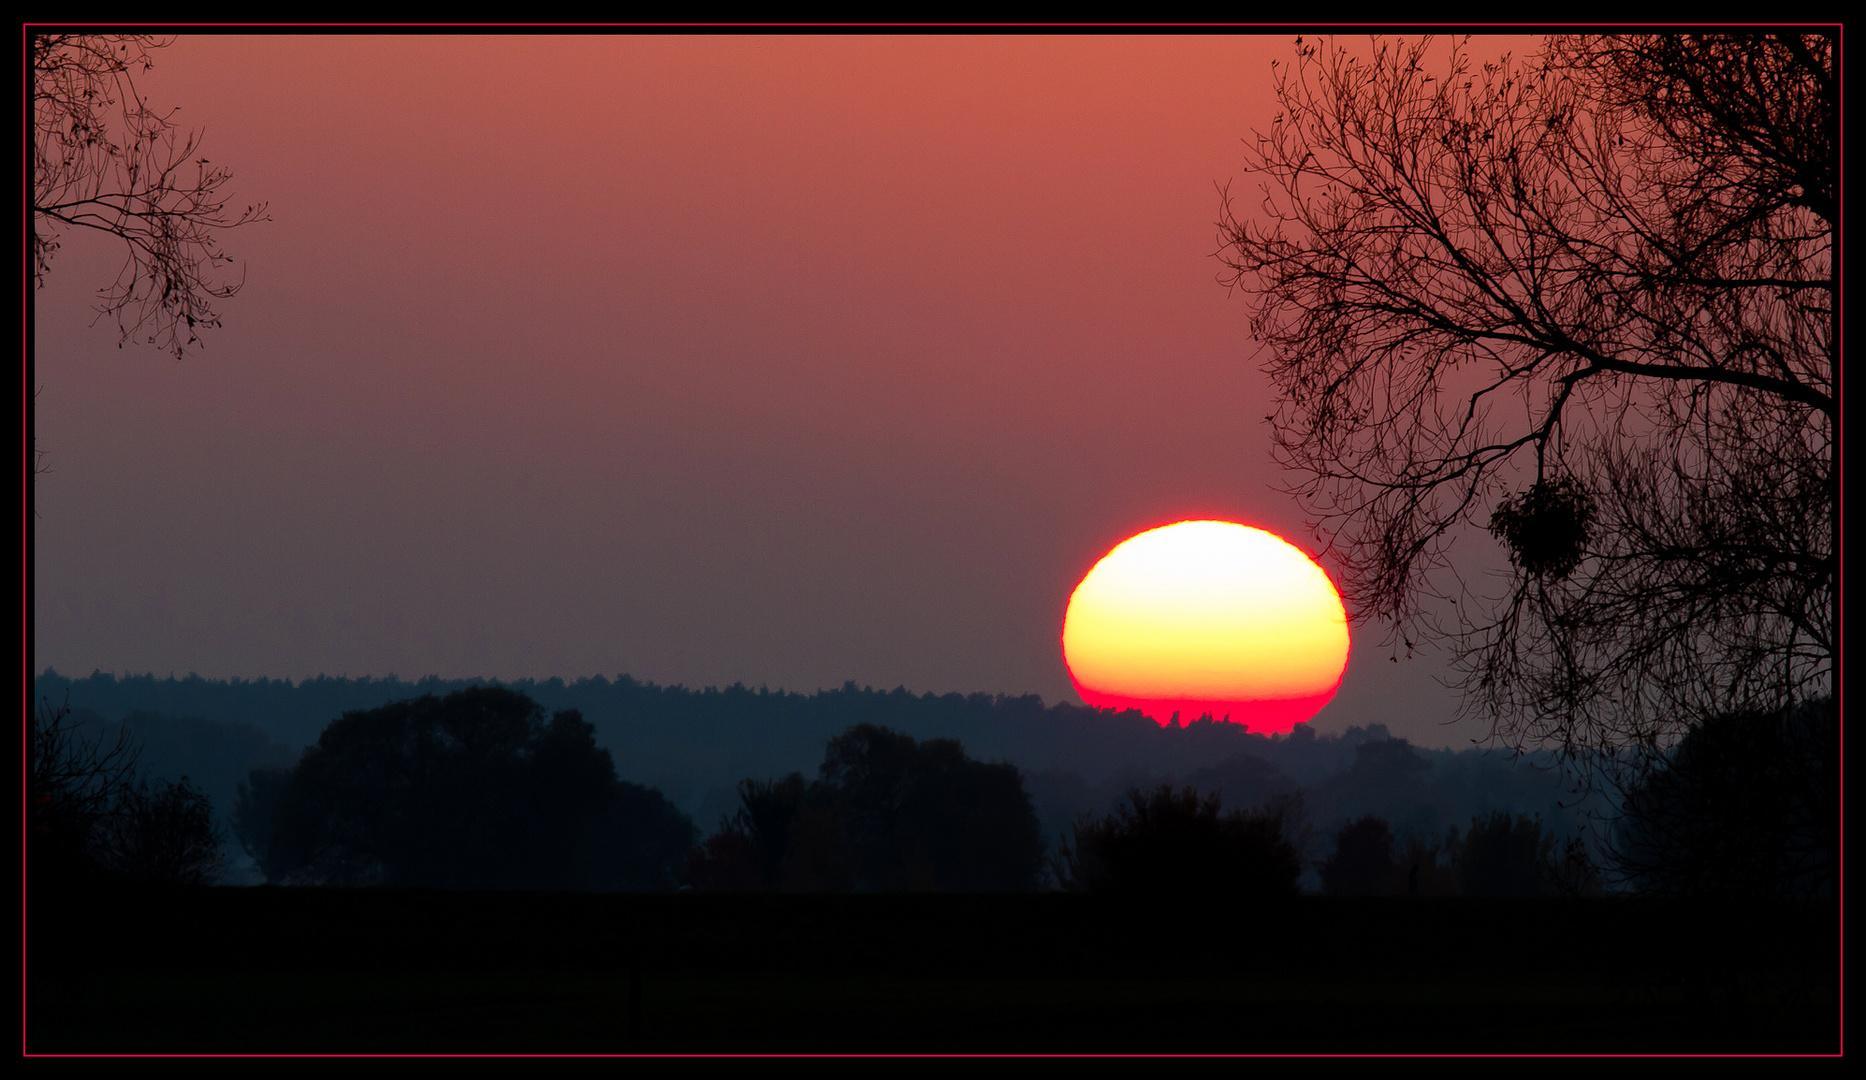 Baum + Sonne + Abend